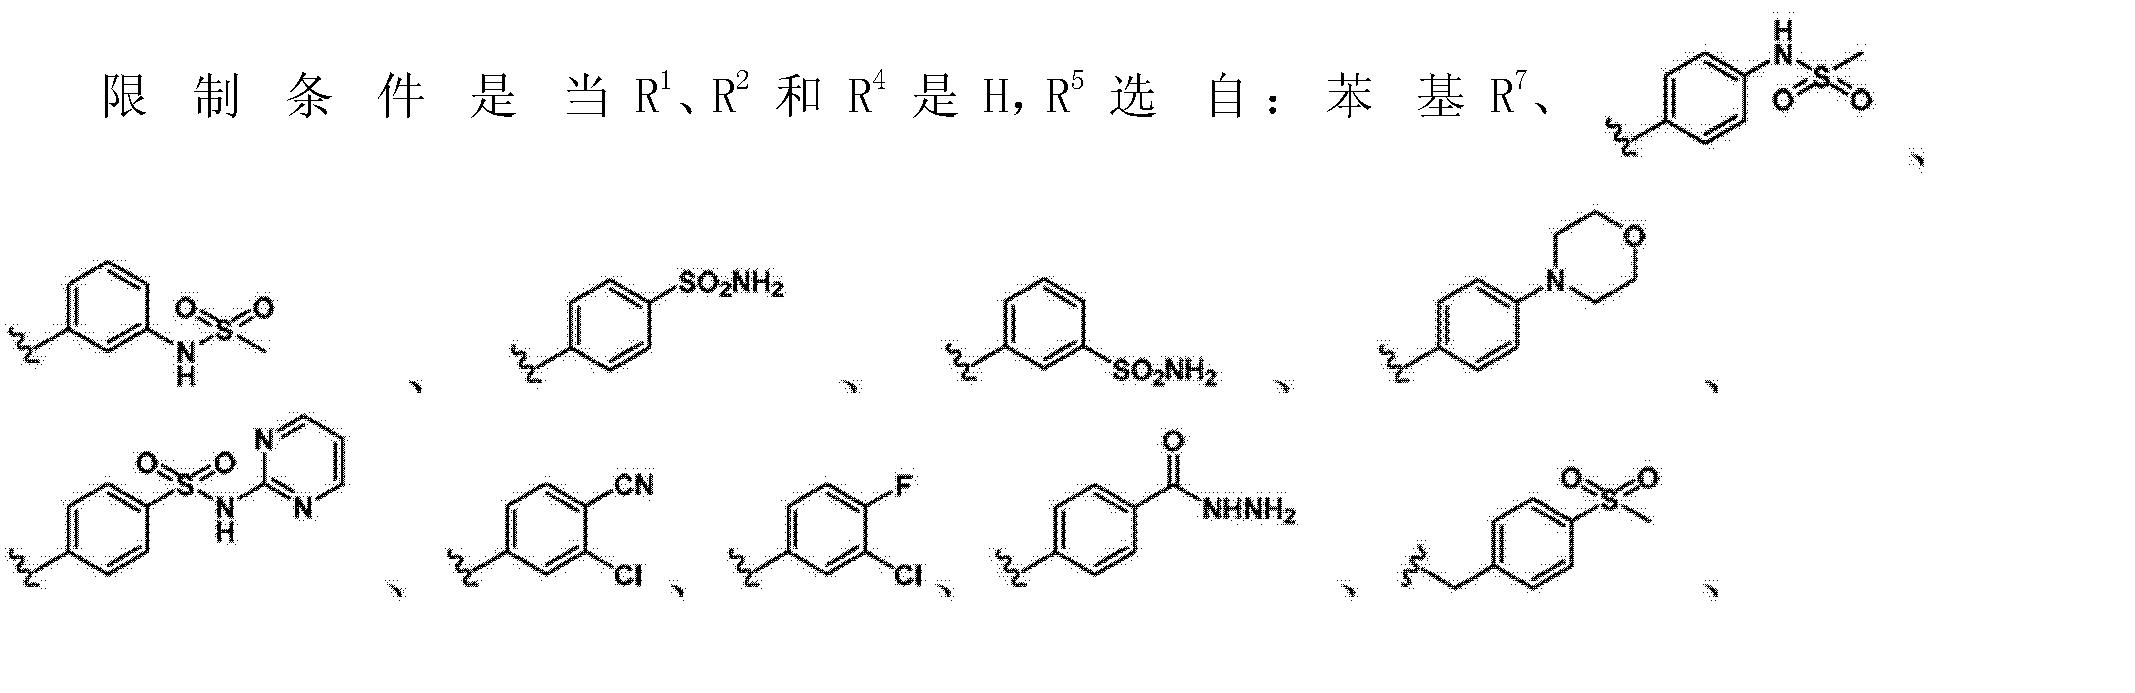 Figure CN103929963AC00023